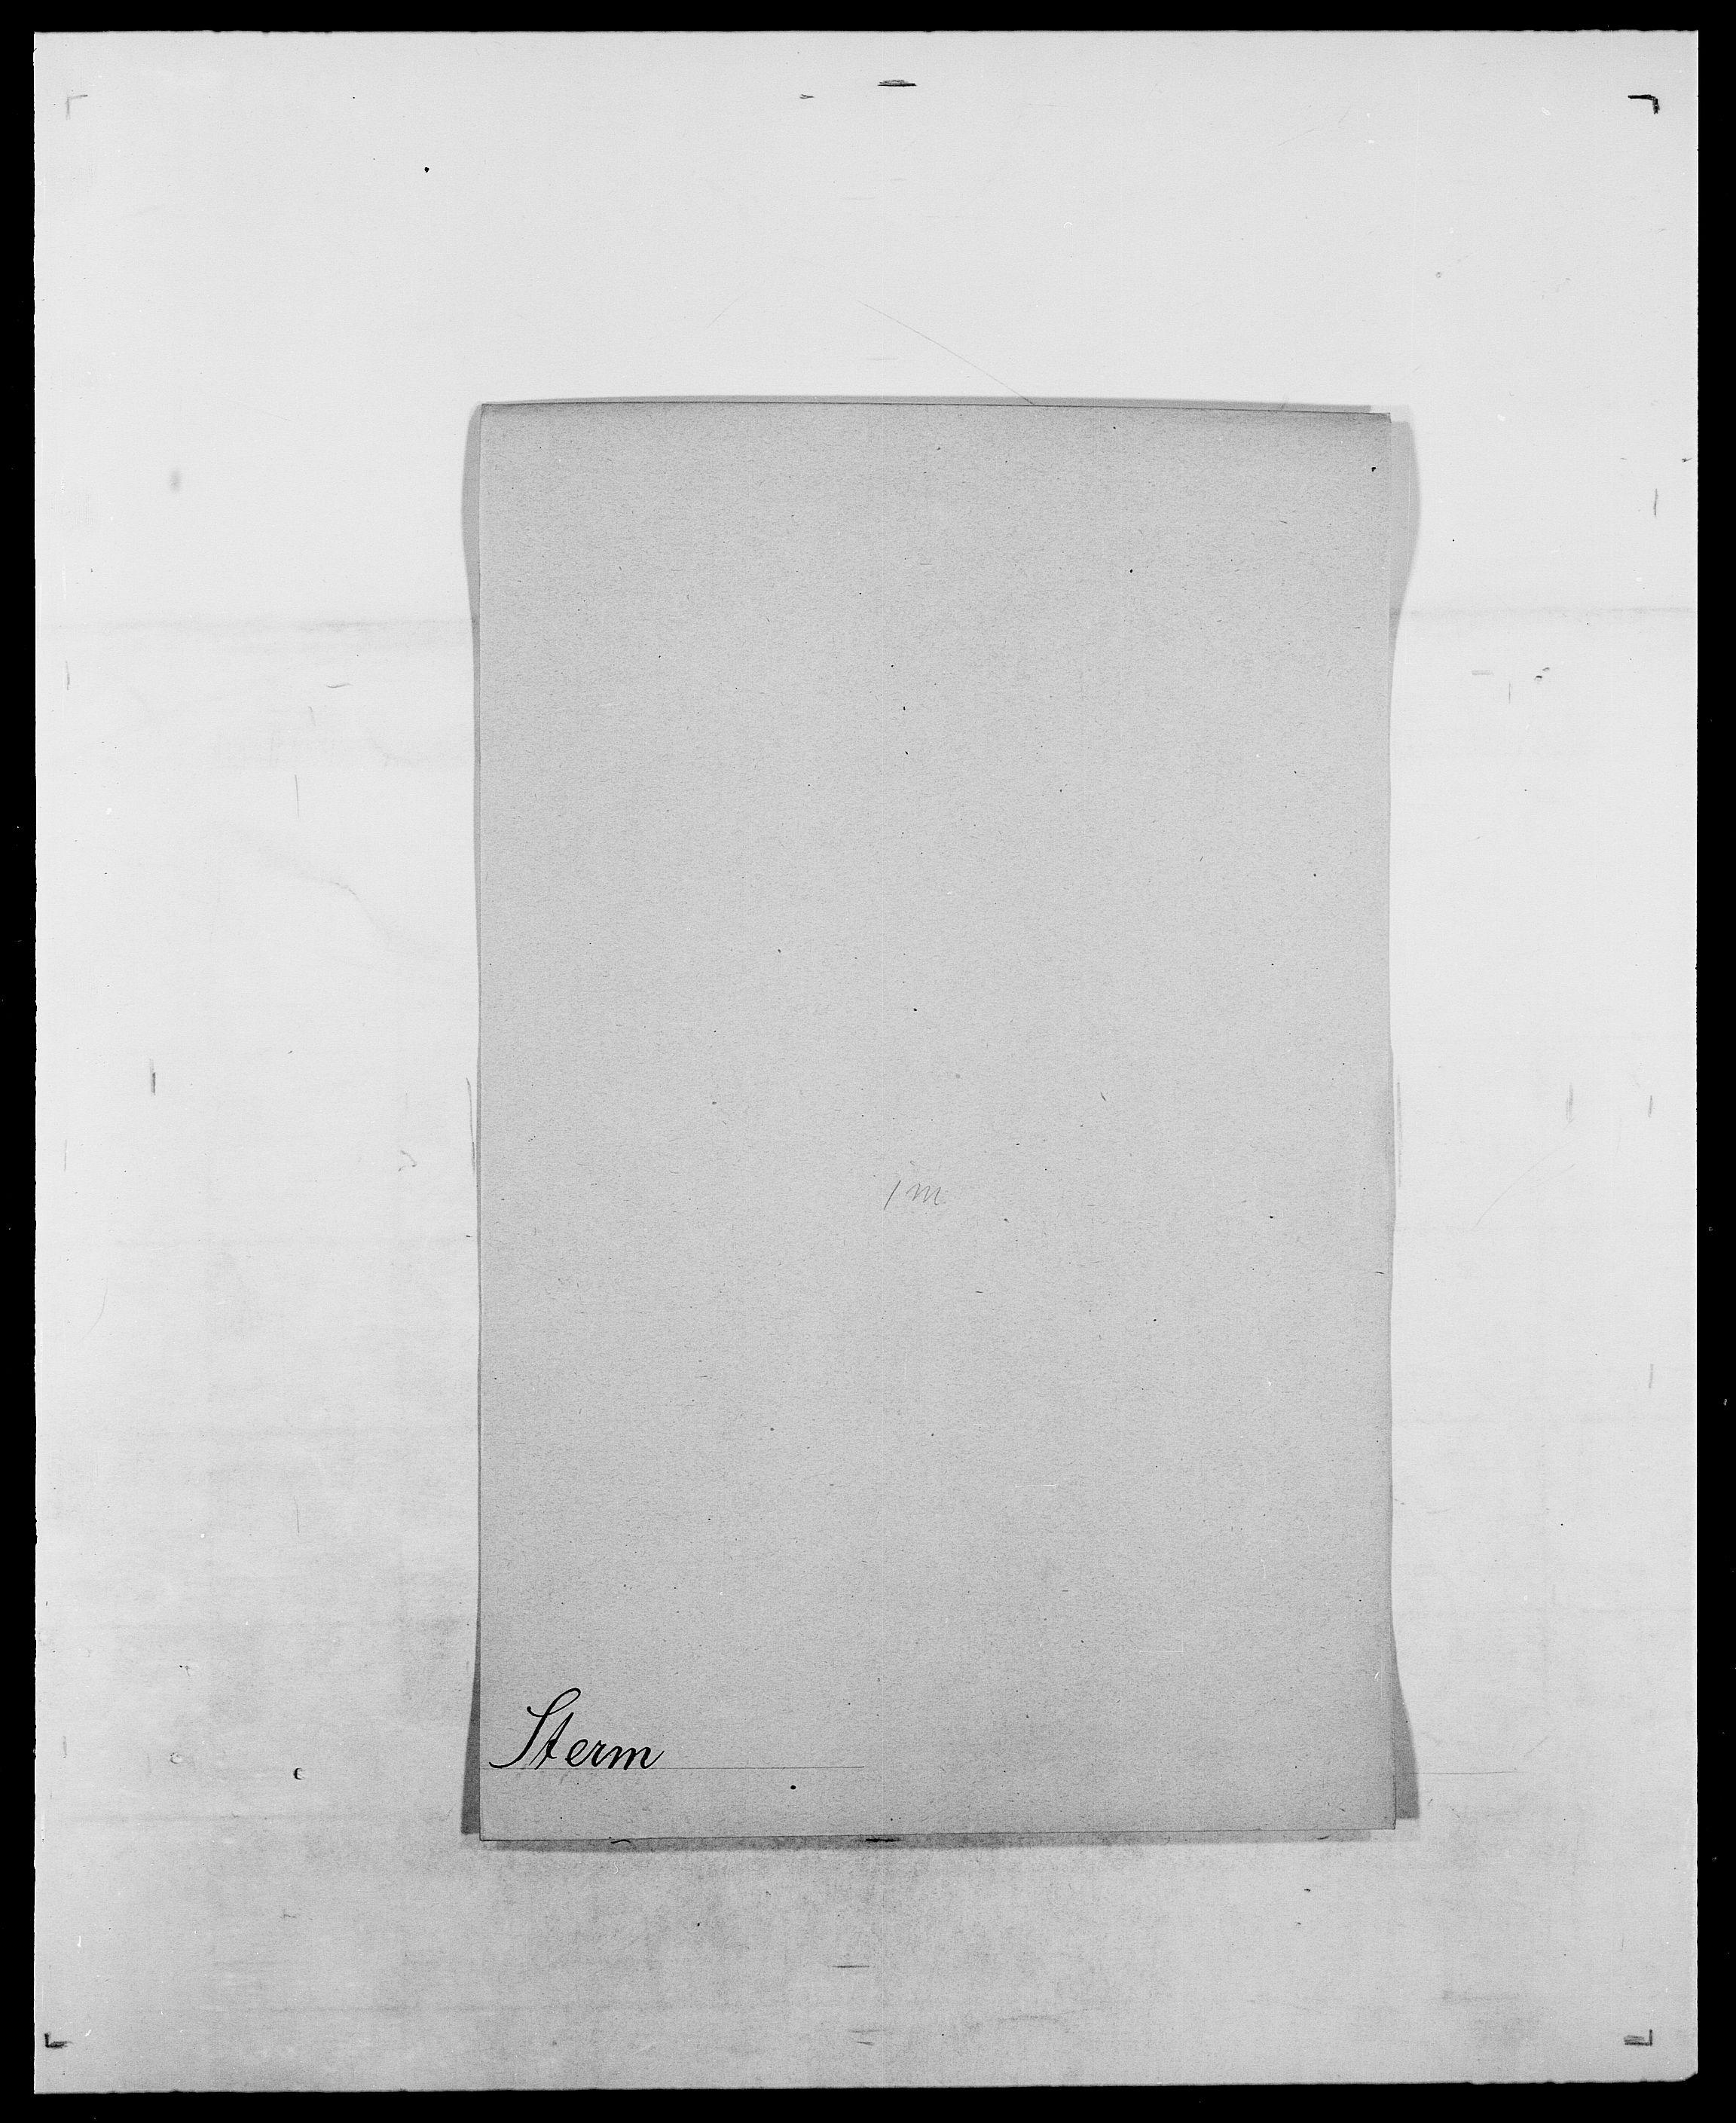 SAO, Delgobe, Charles Antoine - samling, D/Da/L0037: Steen, Sthen, Stein - Svare, Svanige, Svanne, se også Svanning og Schwane, s. 362